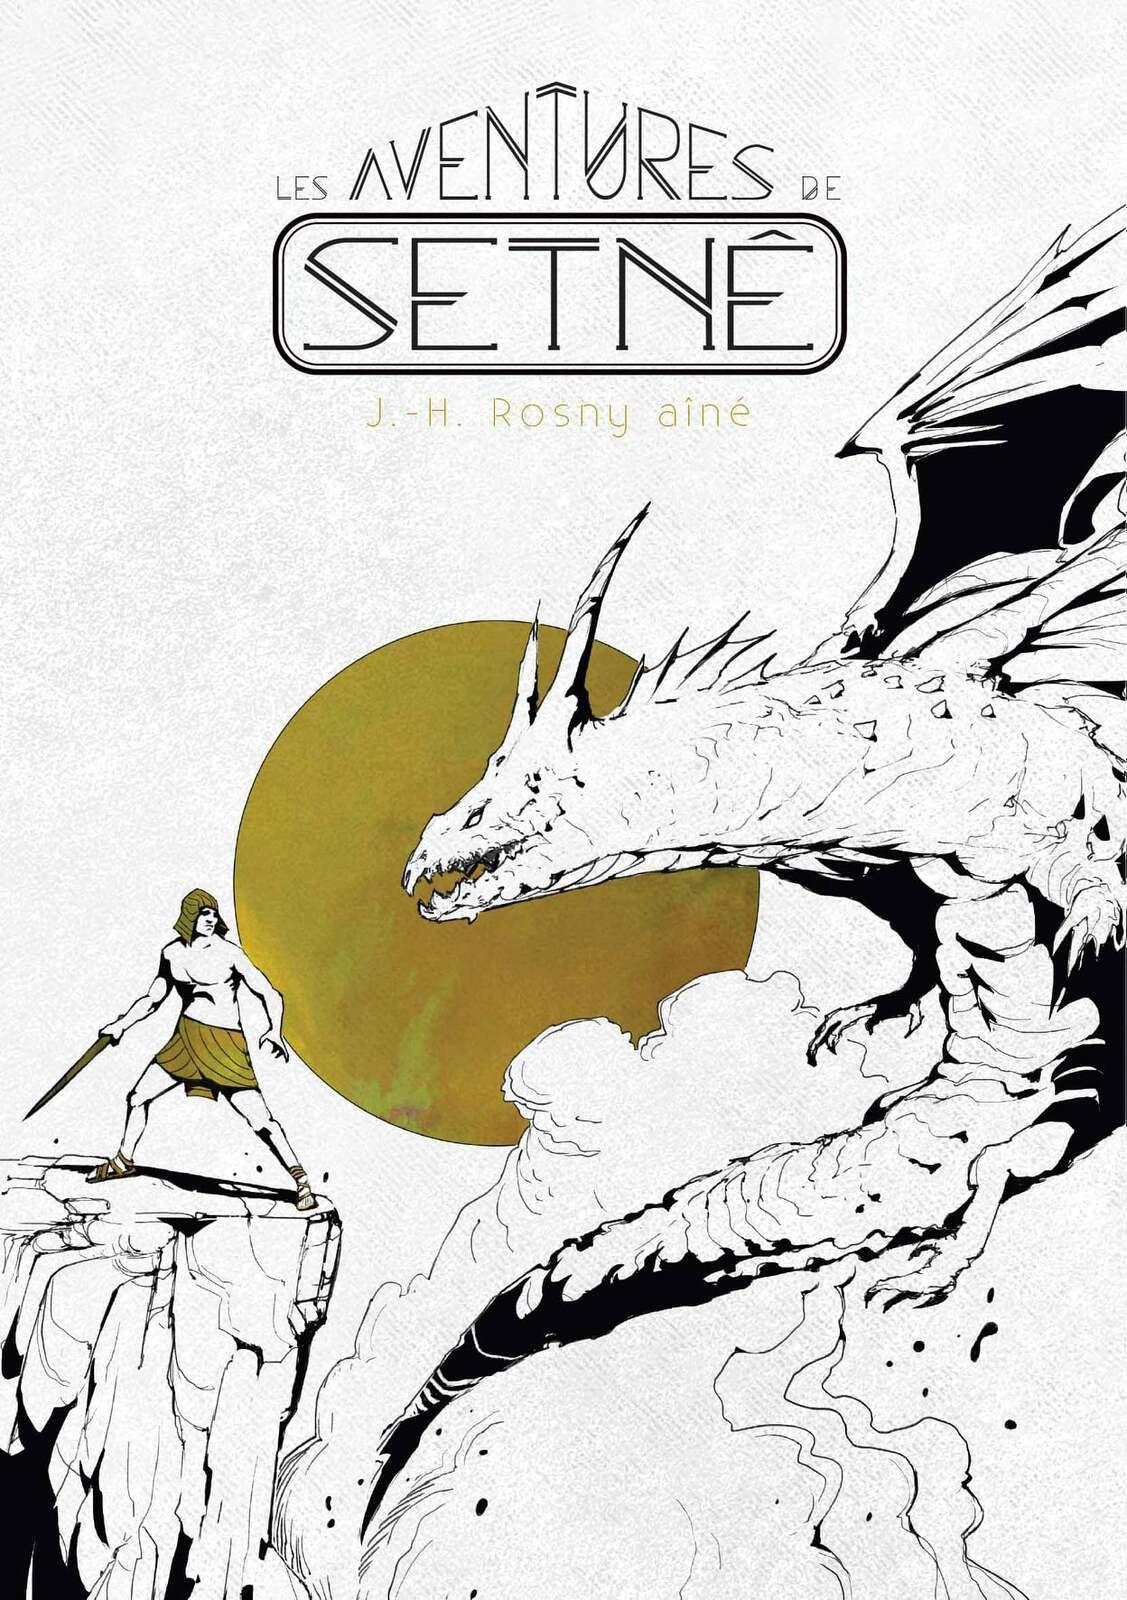 J.-H. Rosny aîné - Les Aventures de Setnê (Callidor - 2021), illustré par Maxime Desmettre